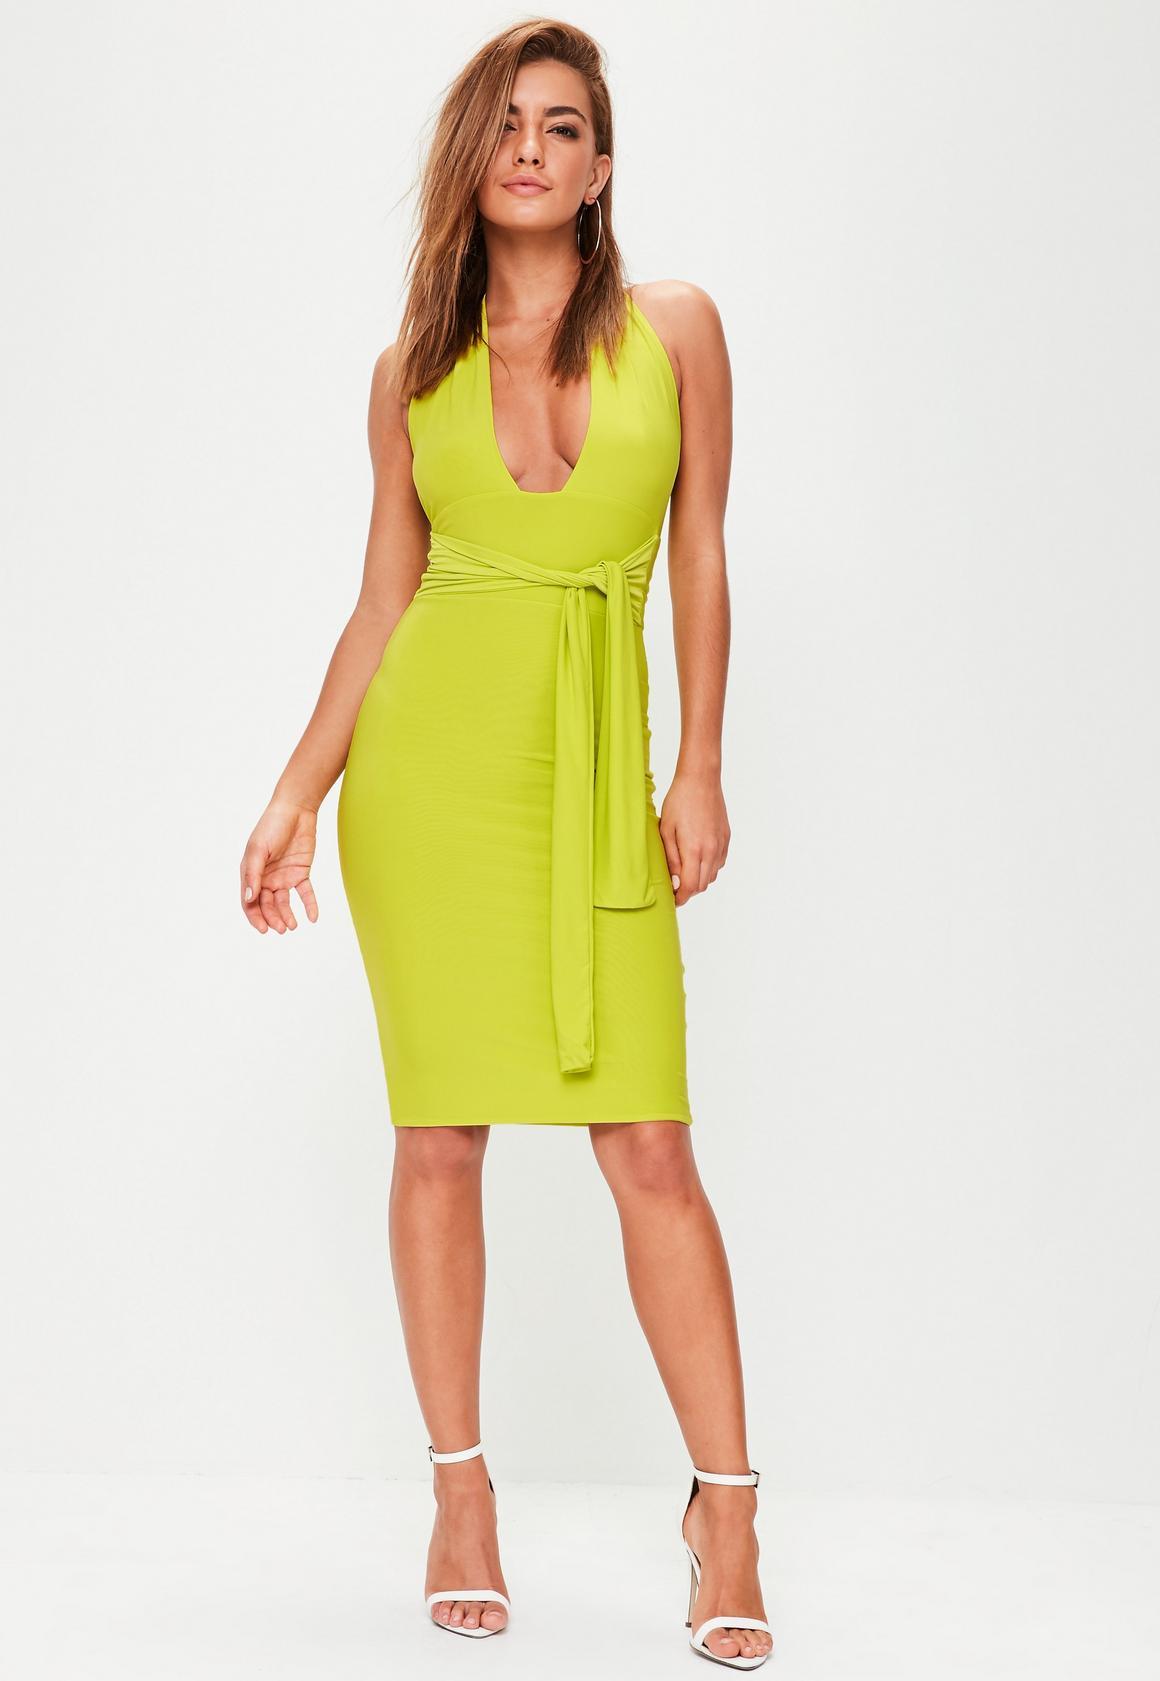 Kleider neon grun